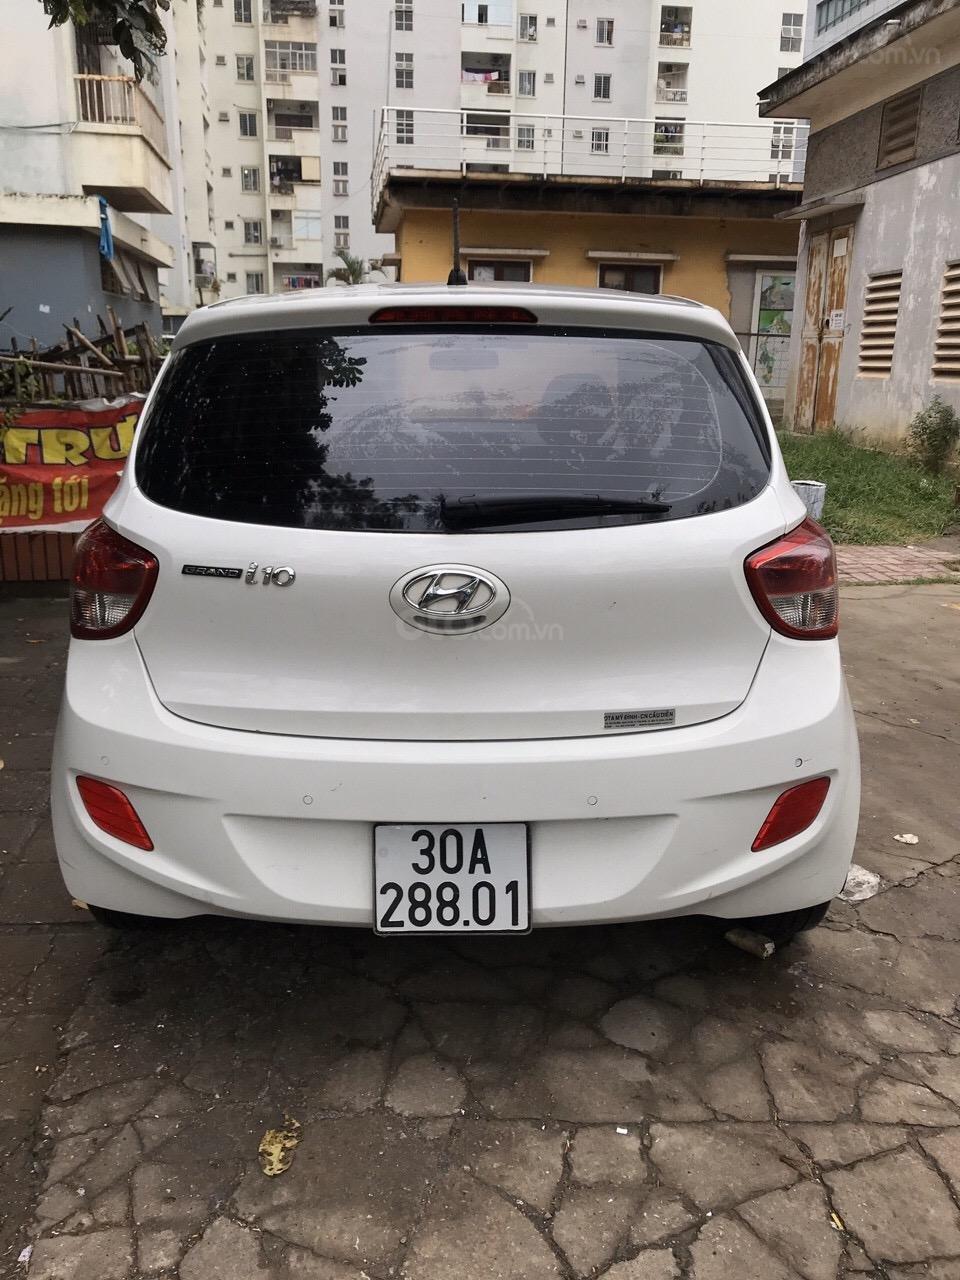 Bán xe Hyundai Grand i10 màu trắng, nhập khẩu nguyên chiếc chính hãng (2)